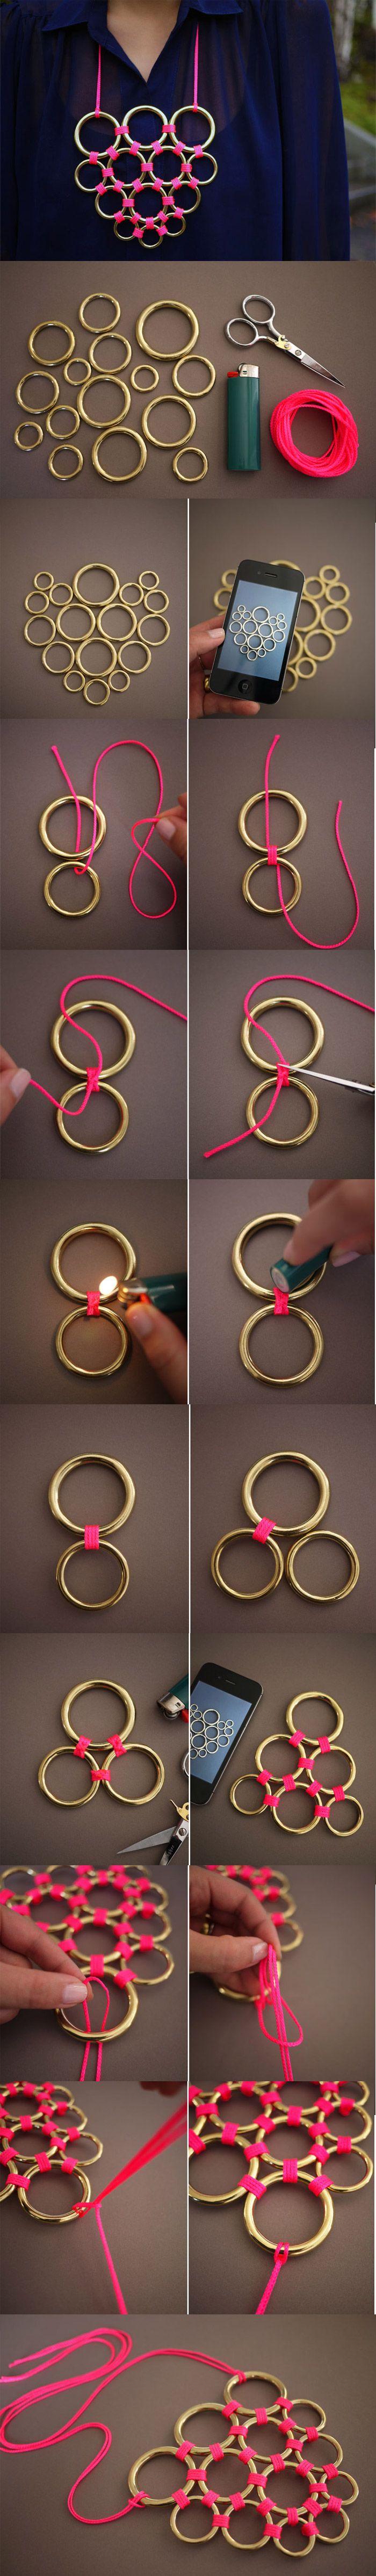 5 DIY #Necklace Ideas